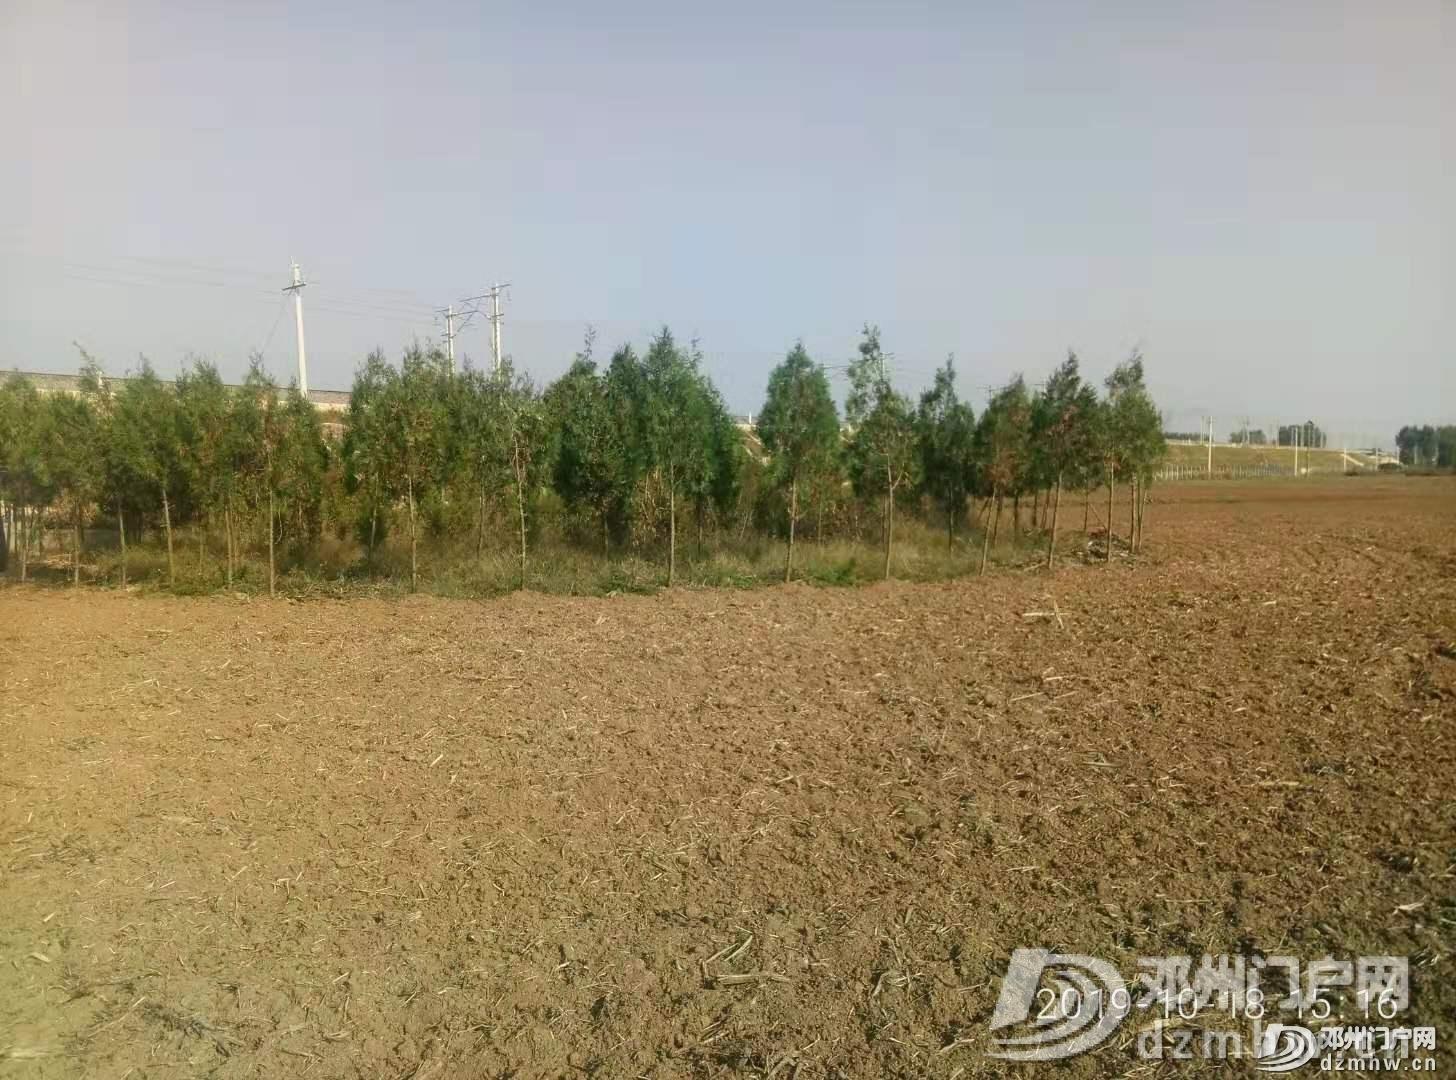 邓州出名了 又出问题村官了 - 邓州门户网|邓州网 - 1571442452904038.jpg